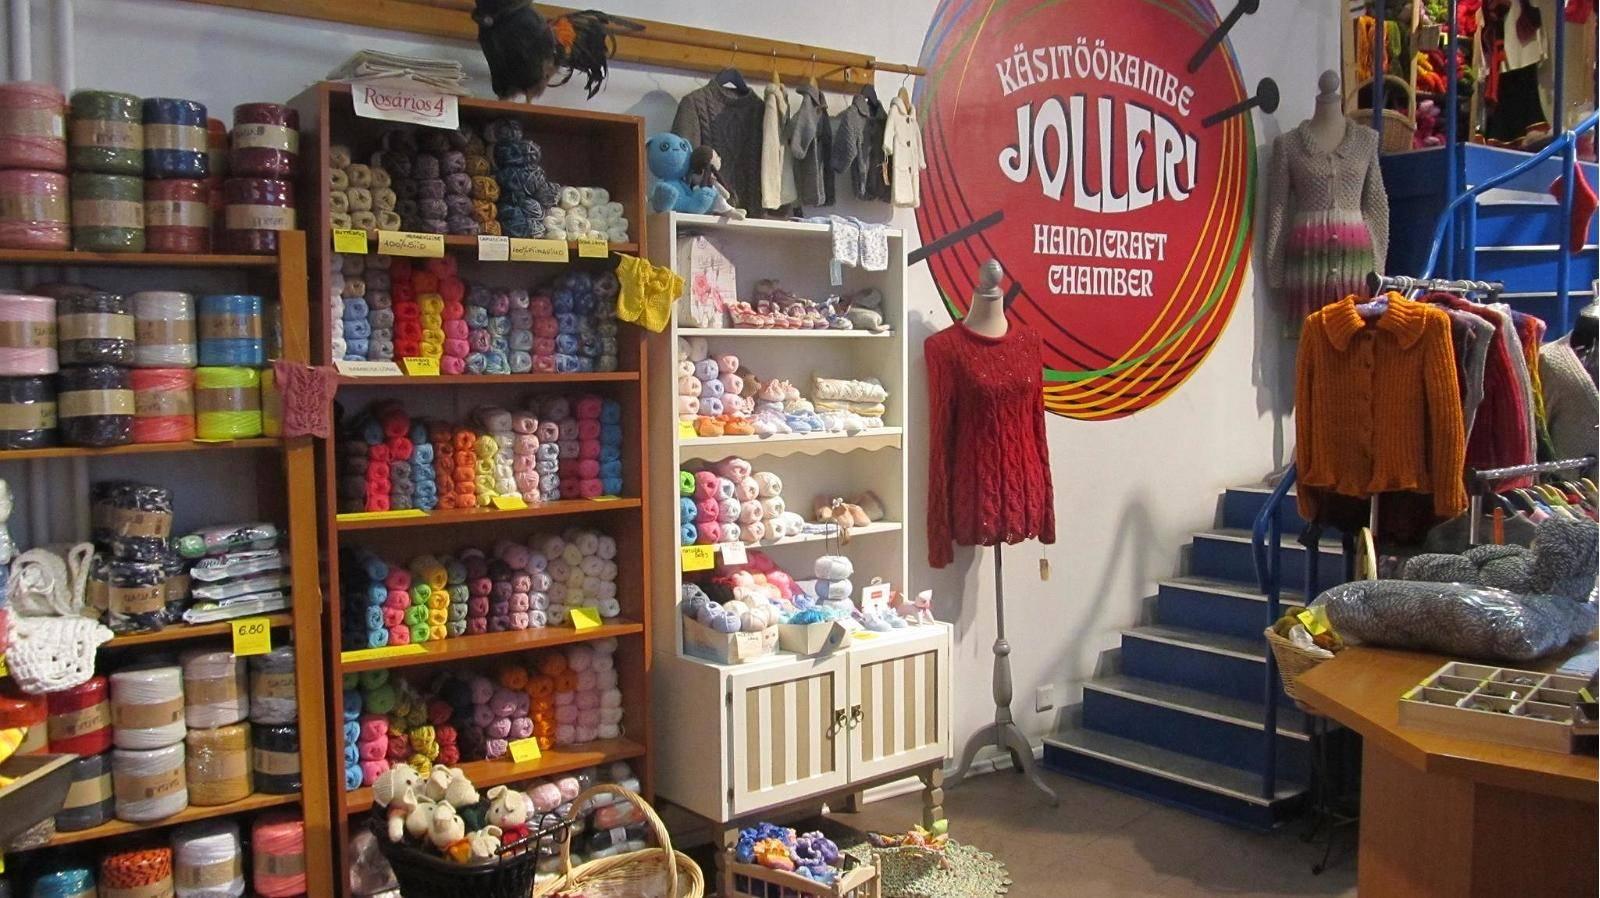 Jolleri Handicraft Chamber in Tallinn,Estonia